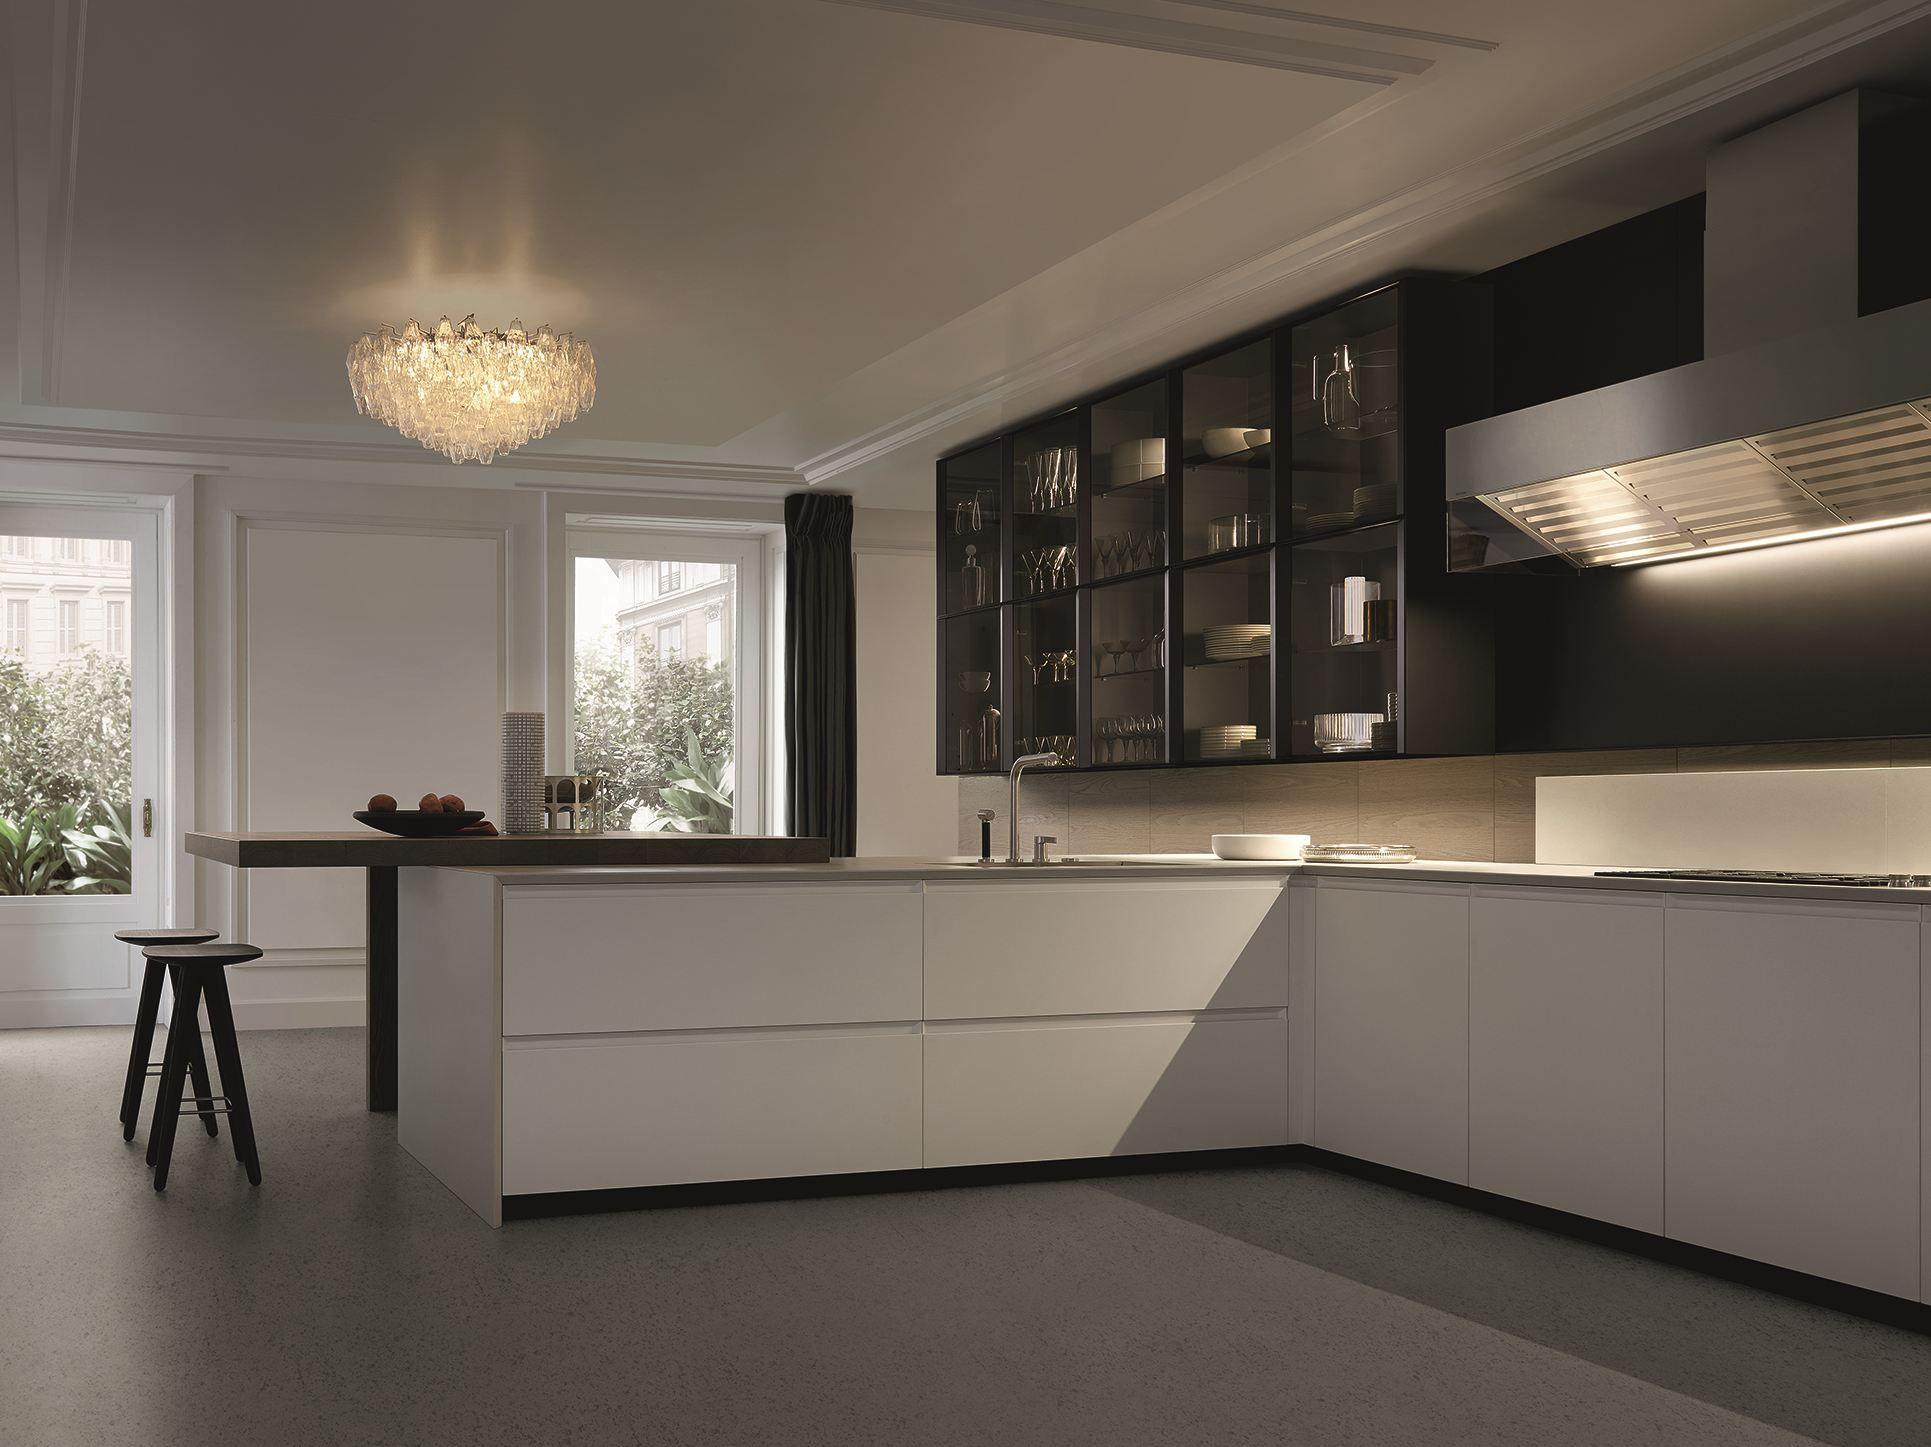 Cucina laccata con maniglie integrate con penisola trail by varenna by poliform design carlo - Arrital cucine rivenditori ...